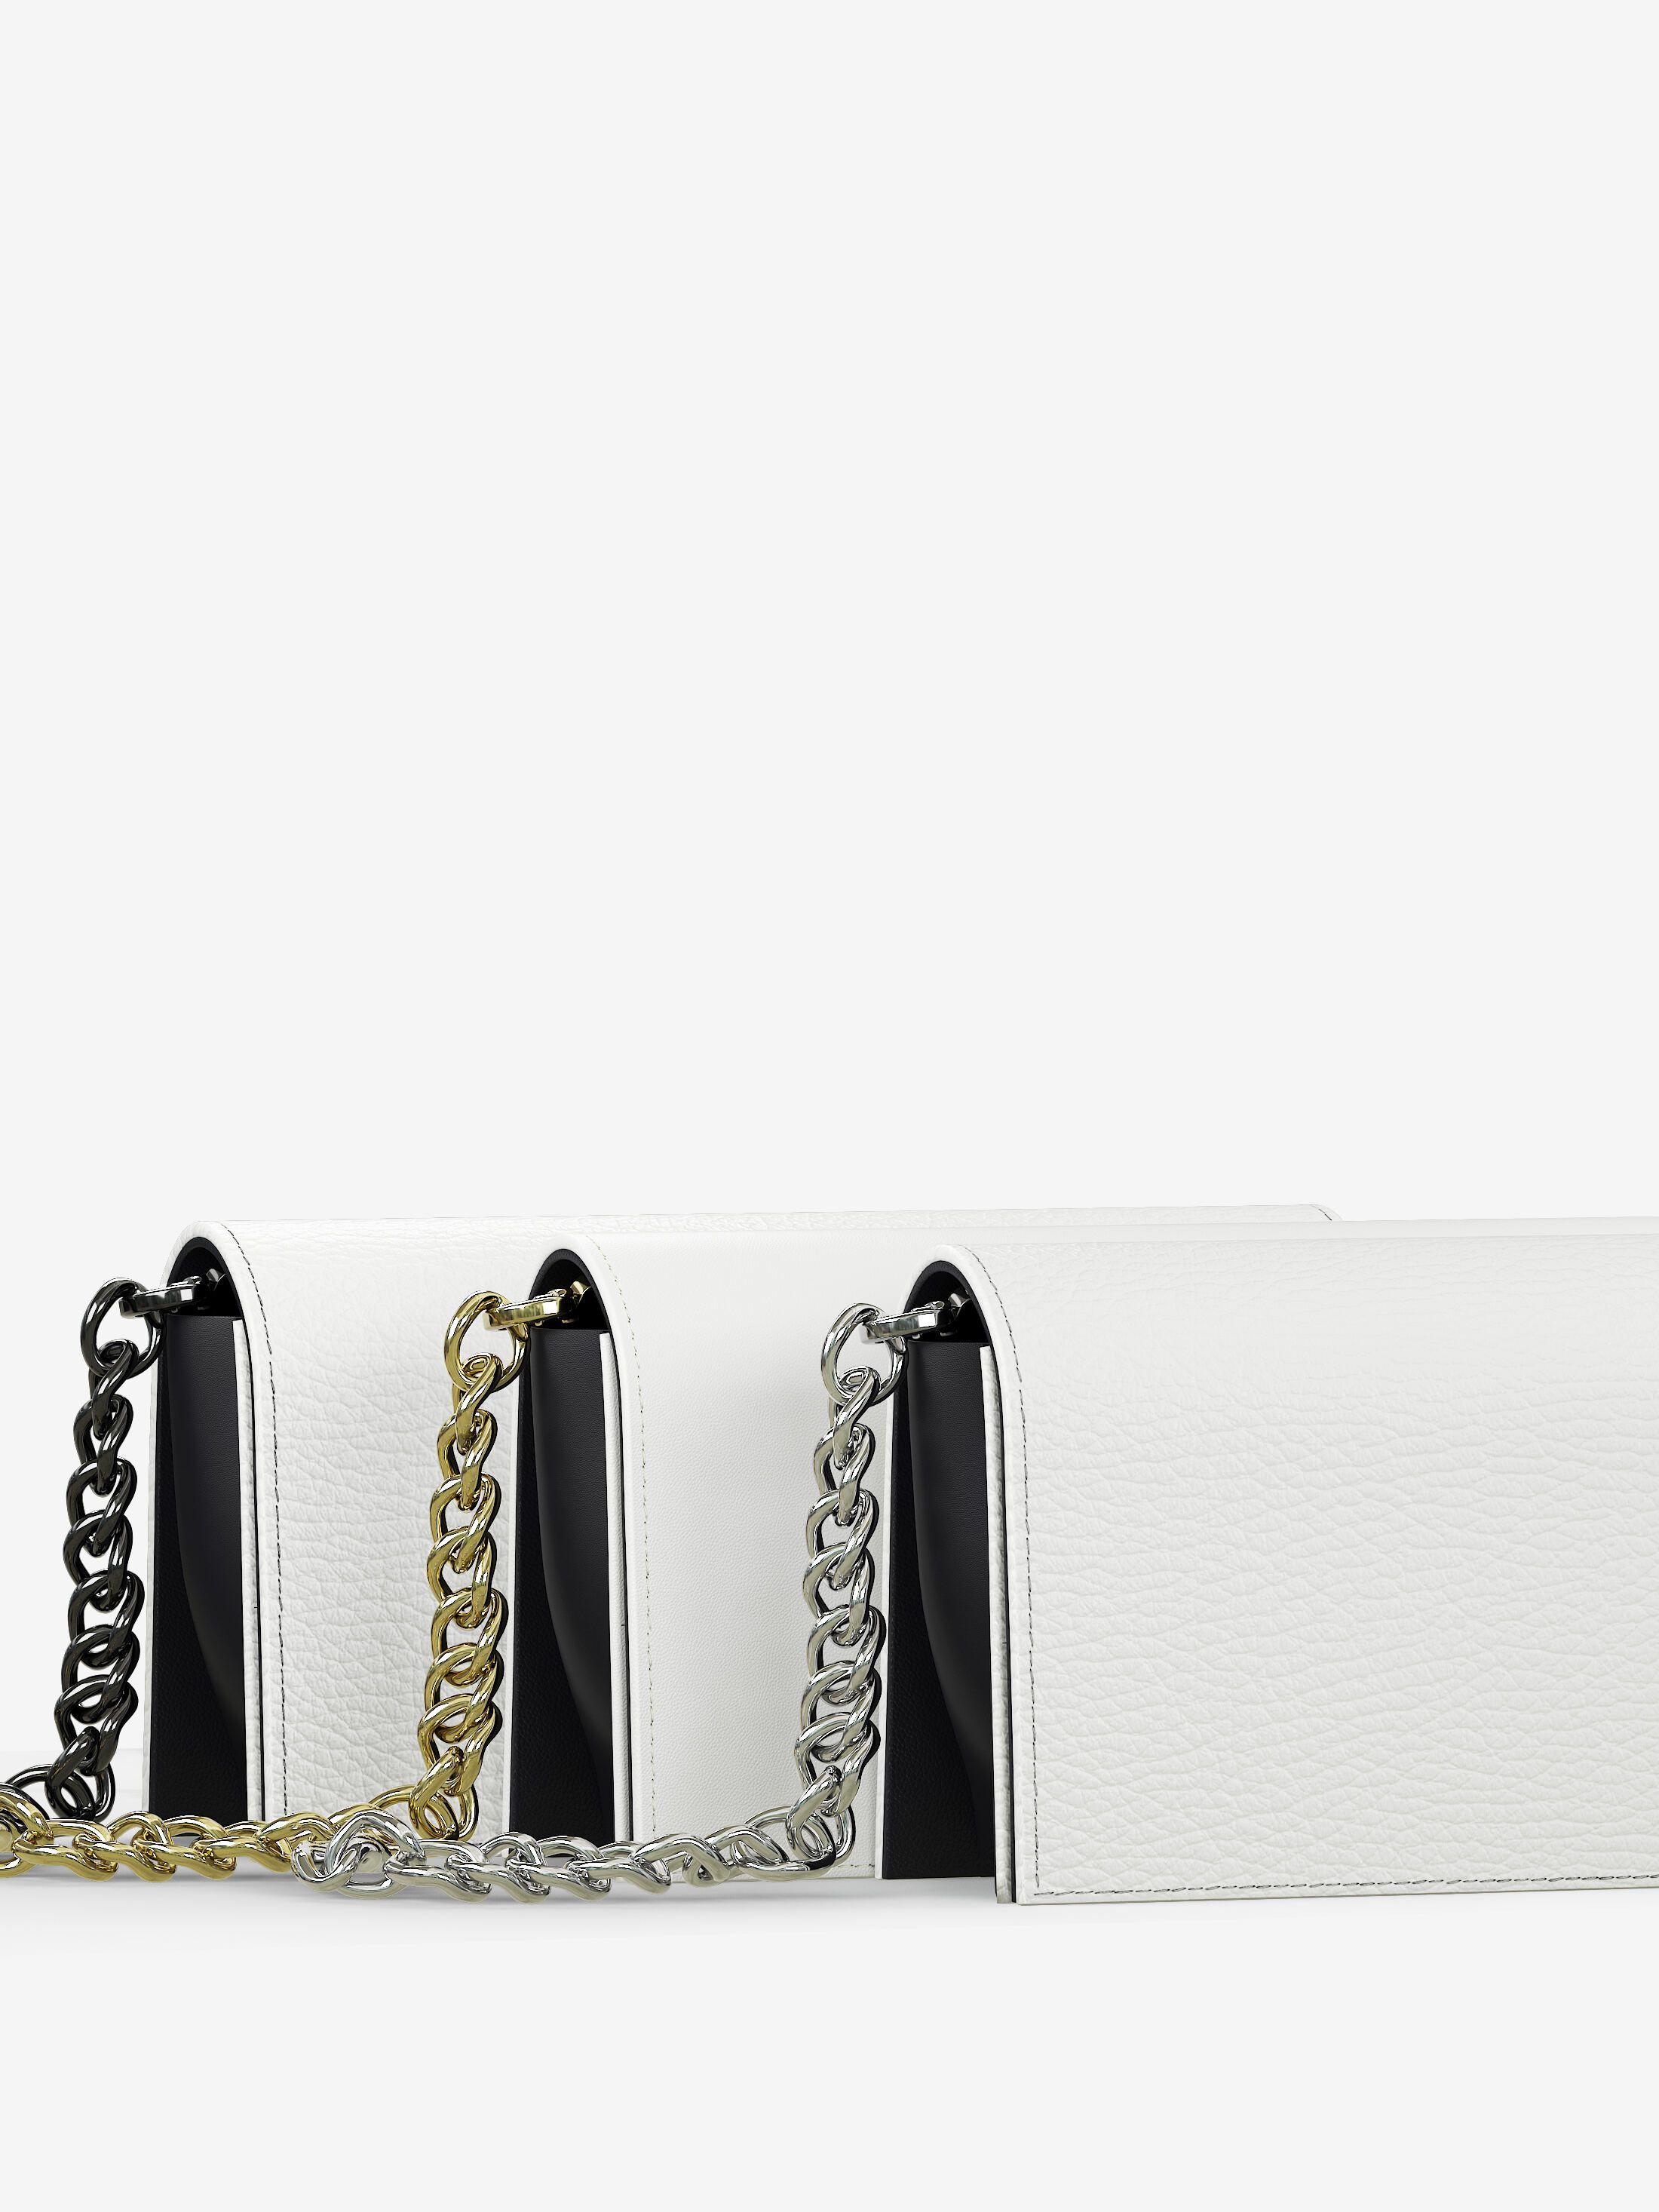 dettagli in metallo delle borse da sera personalizzate